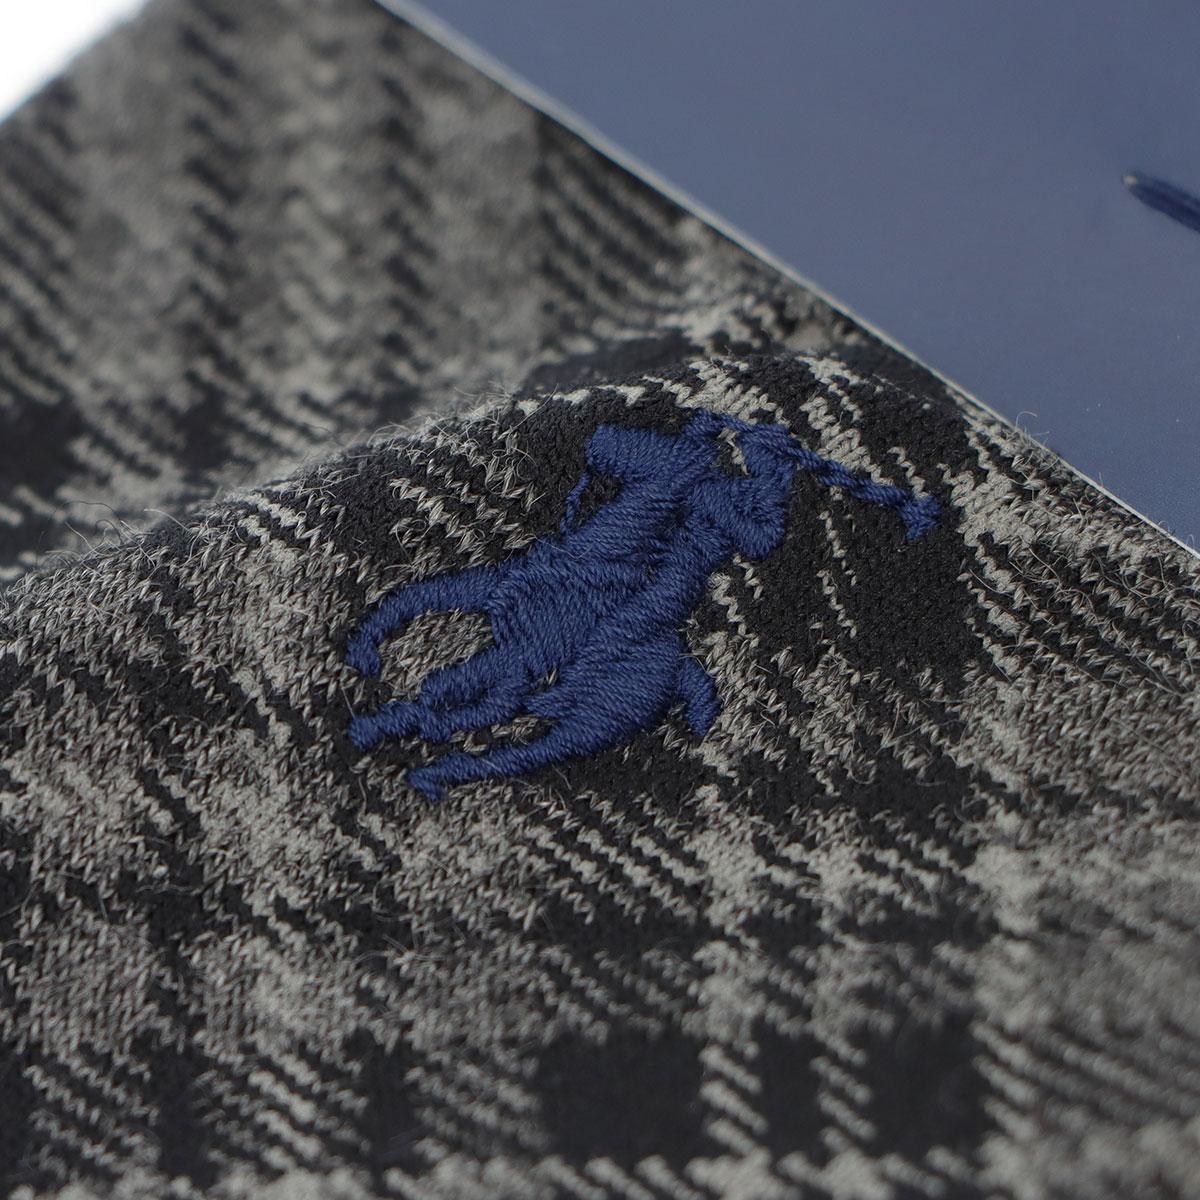 POLO RALPH LAUREN ポロ ラルフローレン   ワンポイントロゴ刺繍 ナンバー3 スニーカー丈 ソックス 靴下 レディース 女性 婦人 03209120【ゆうパケット・4点まで】